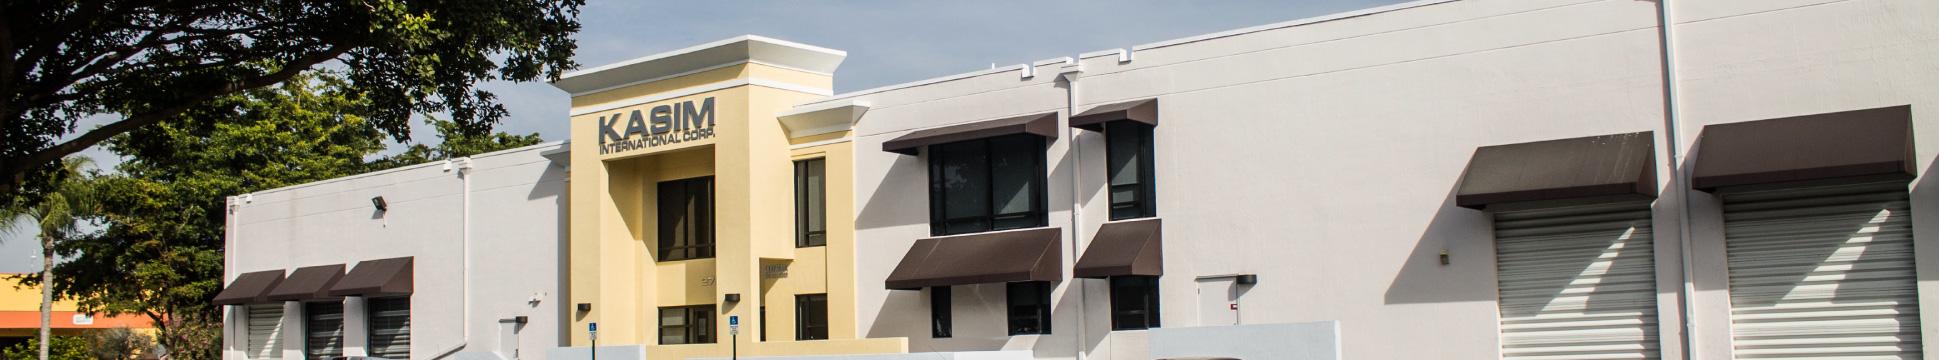 slide-bk-edificio